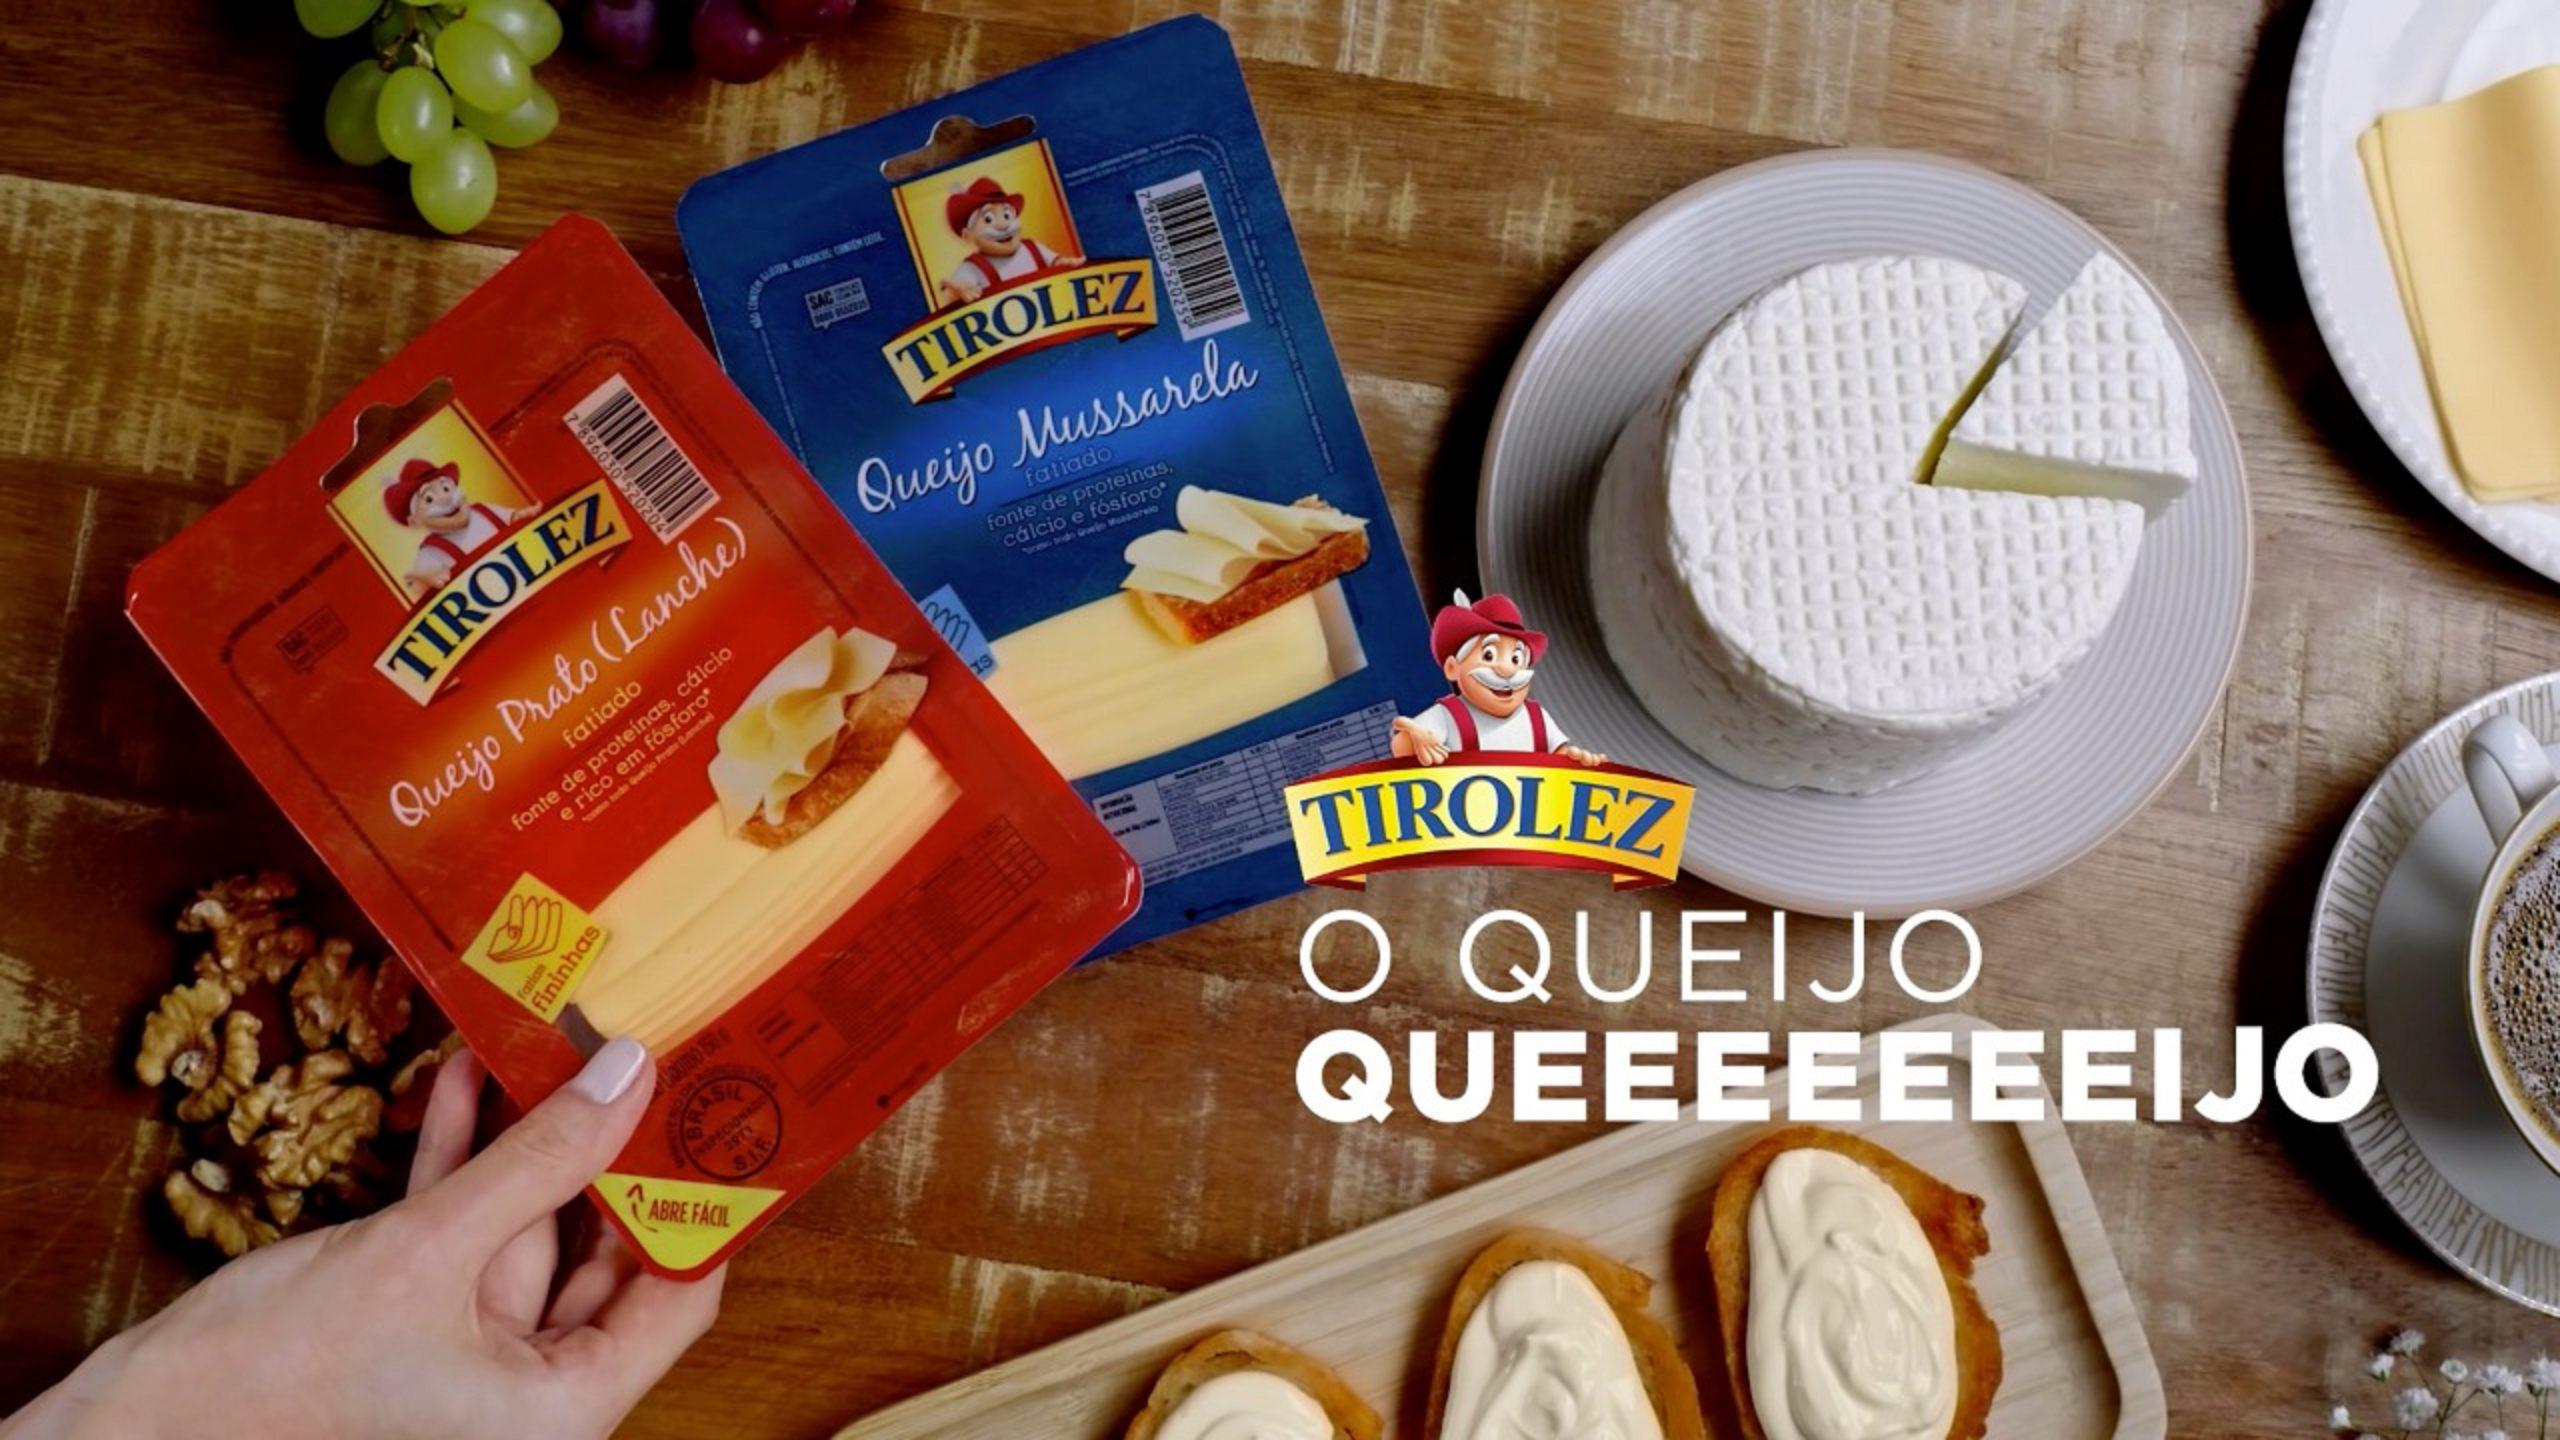 """Tirolez apresenta campanha de mídia de dar água na boca: """"Tirolez, o queijo queeeeijo"""""""